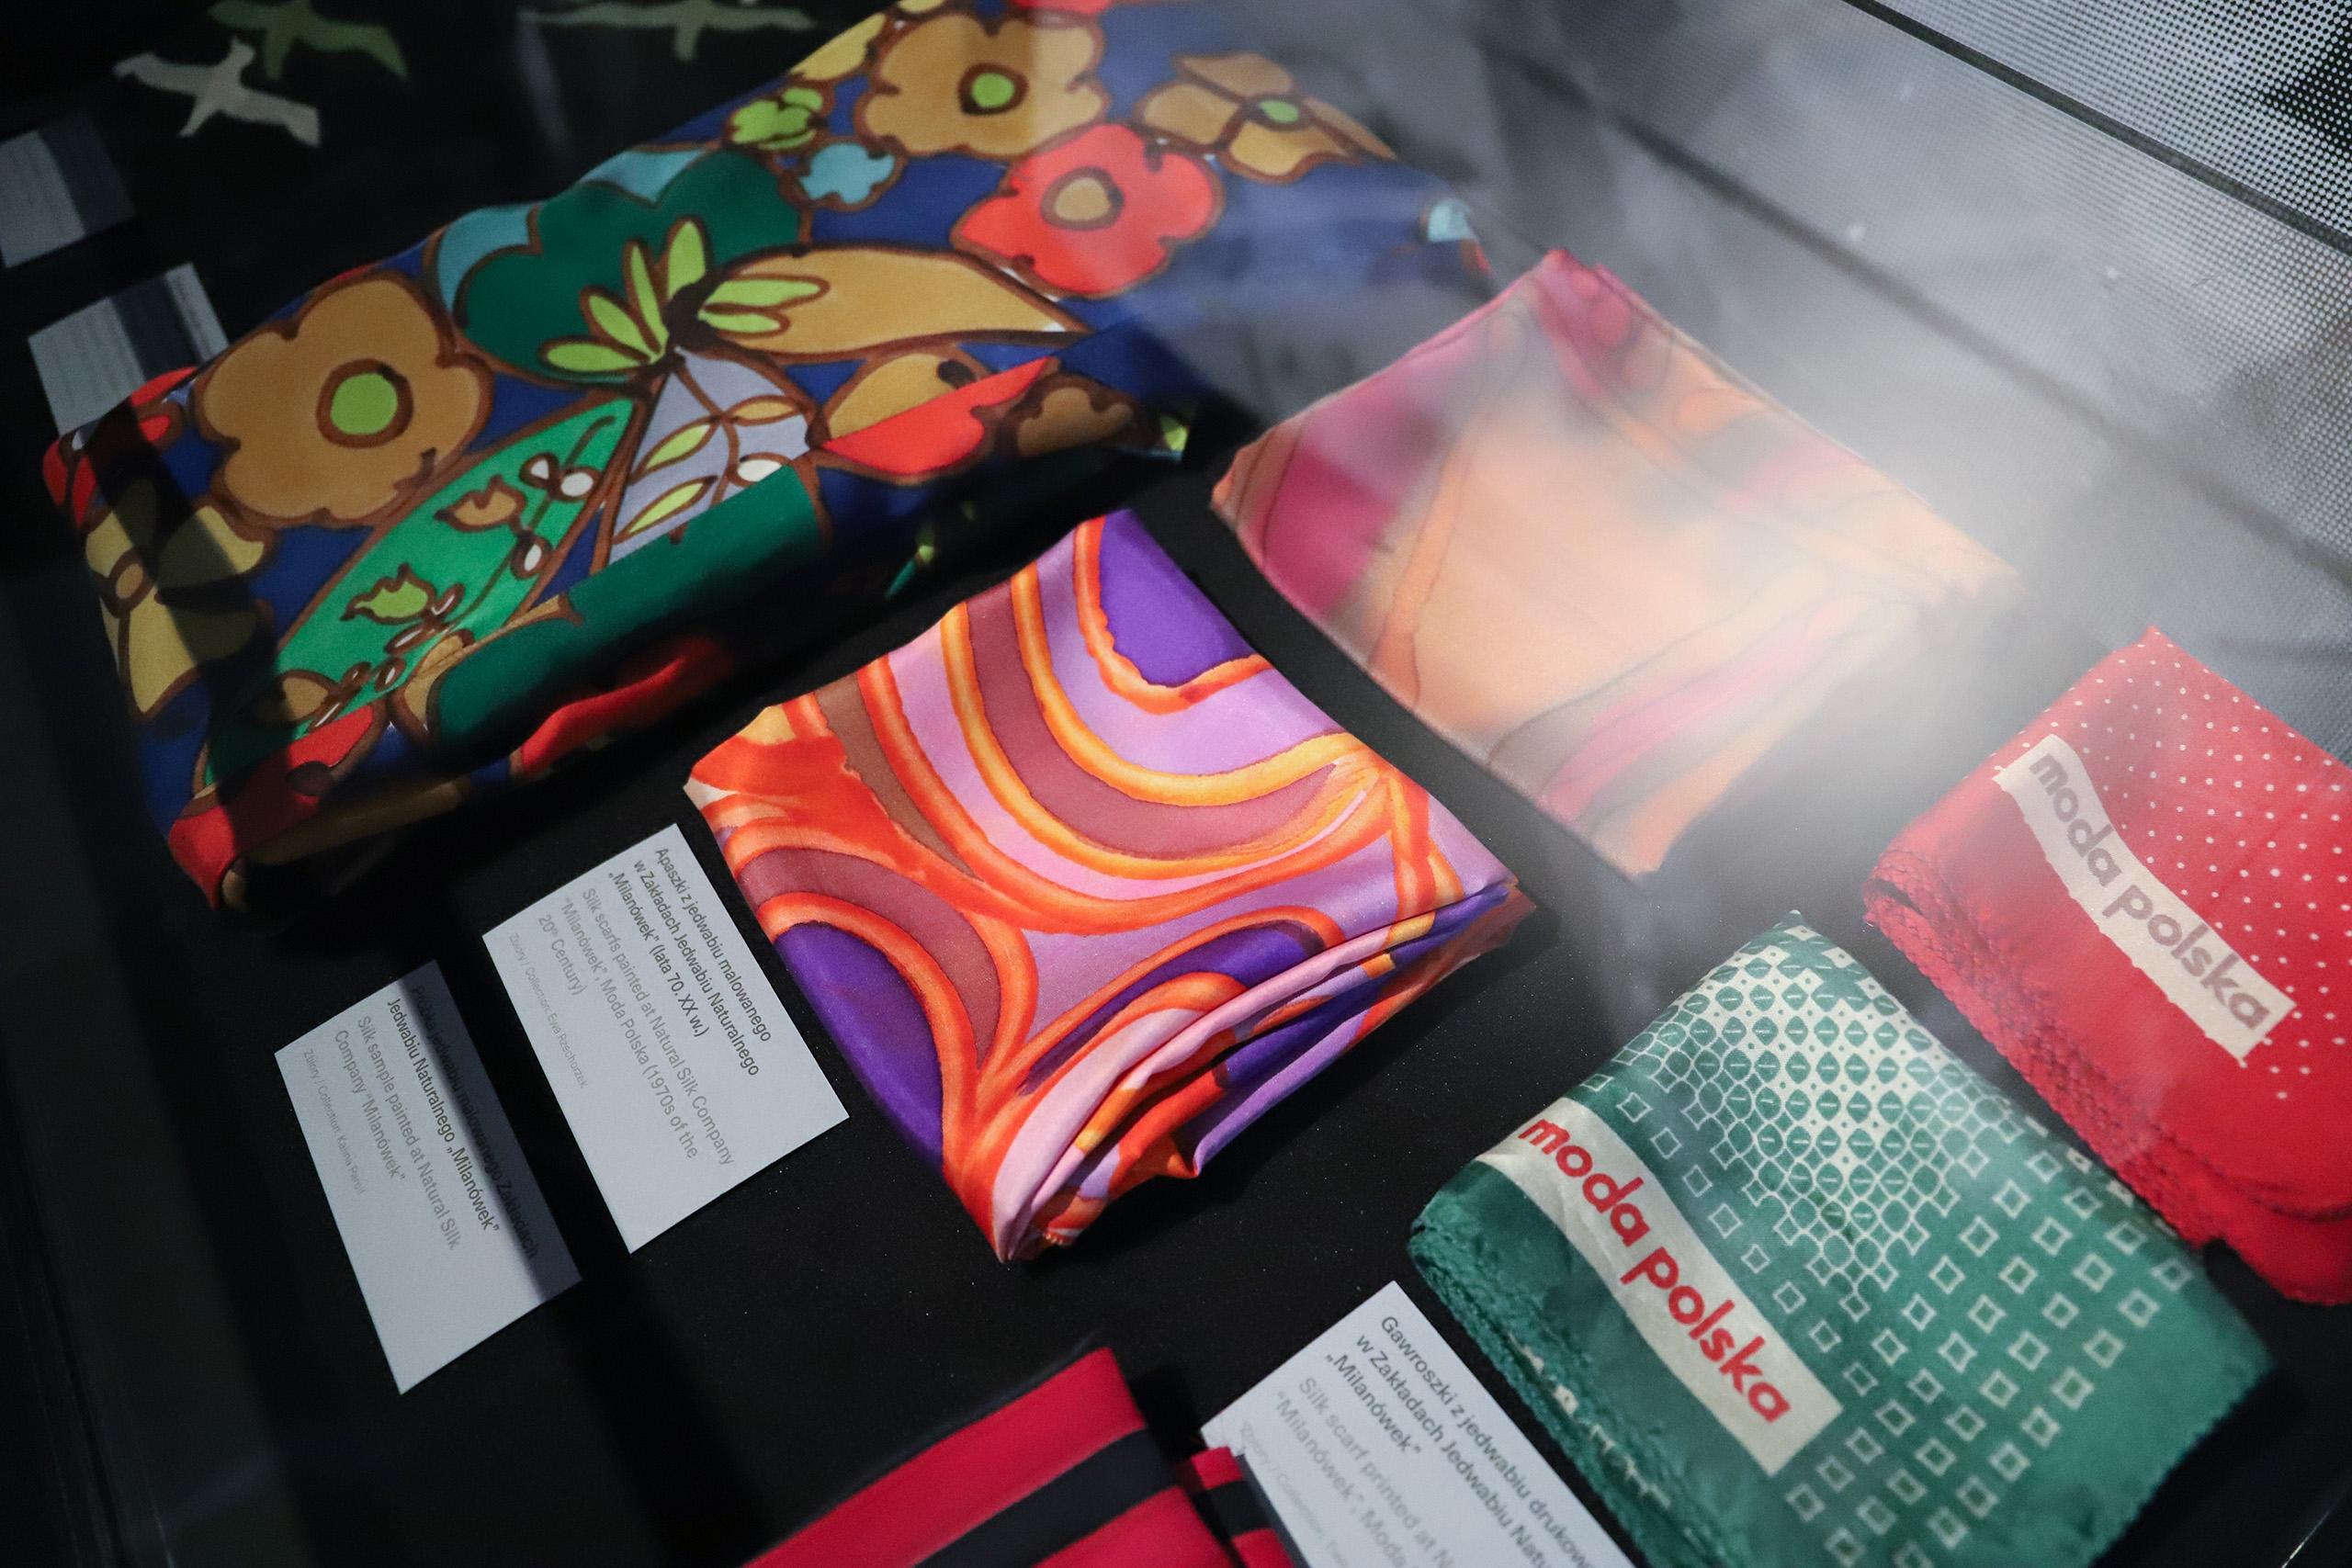 Zdjęcie przedstawia kolorowe materiały ułożone na stole, zamknięte w szklanej gablocie.